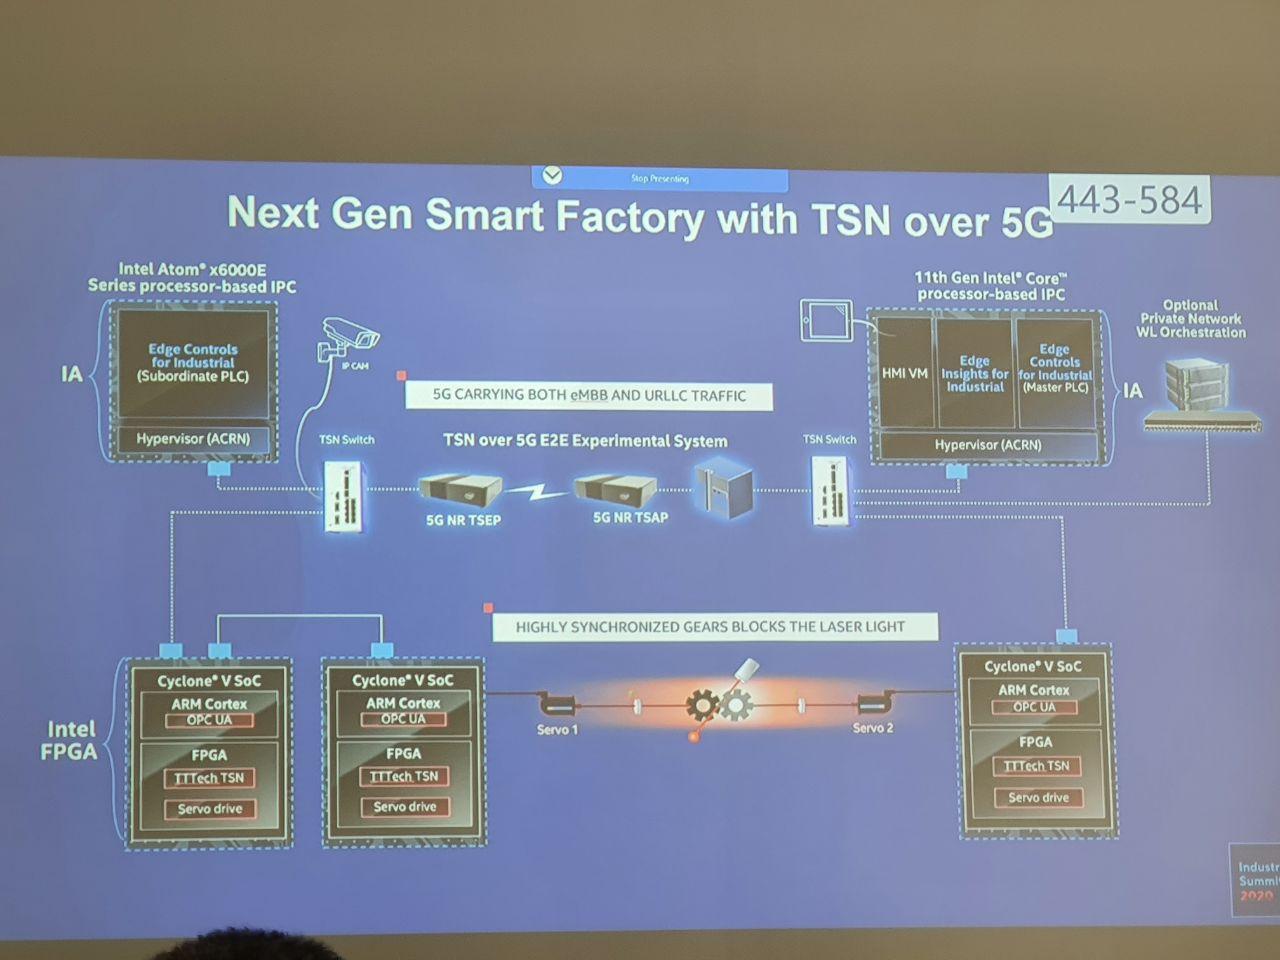 Next Gen Smart Factory with TSN over 5G